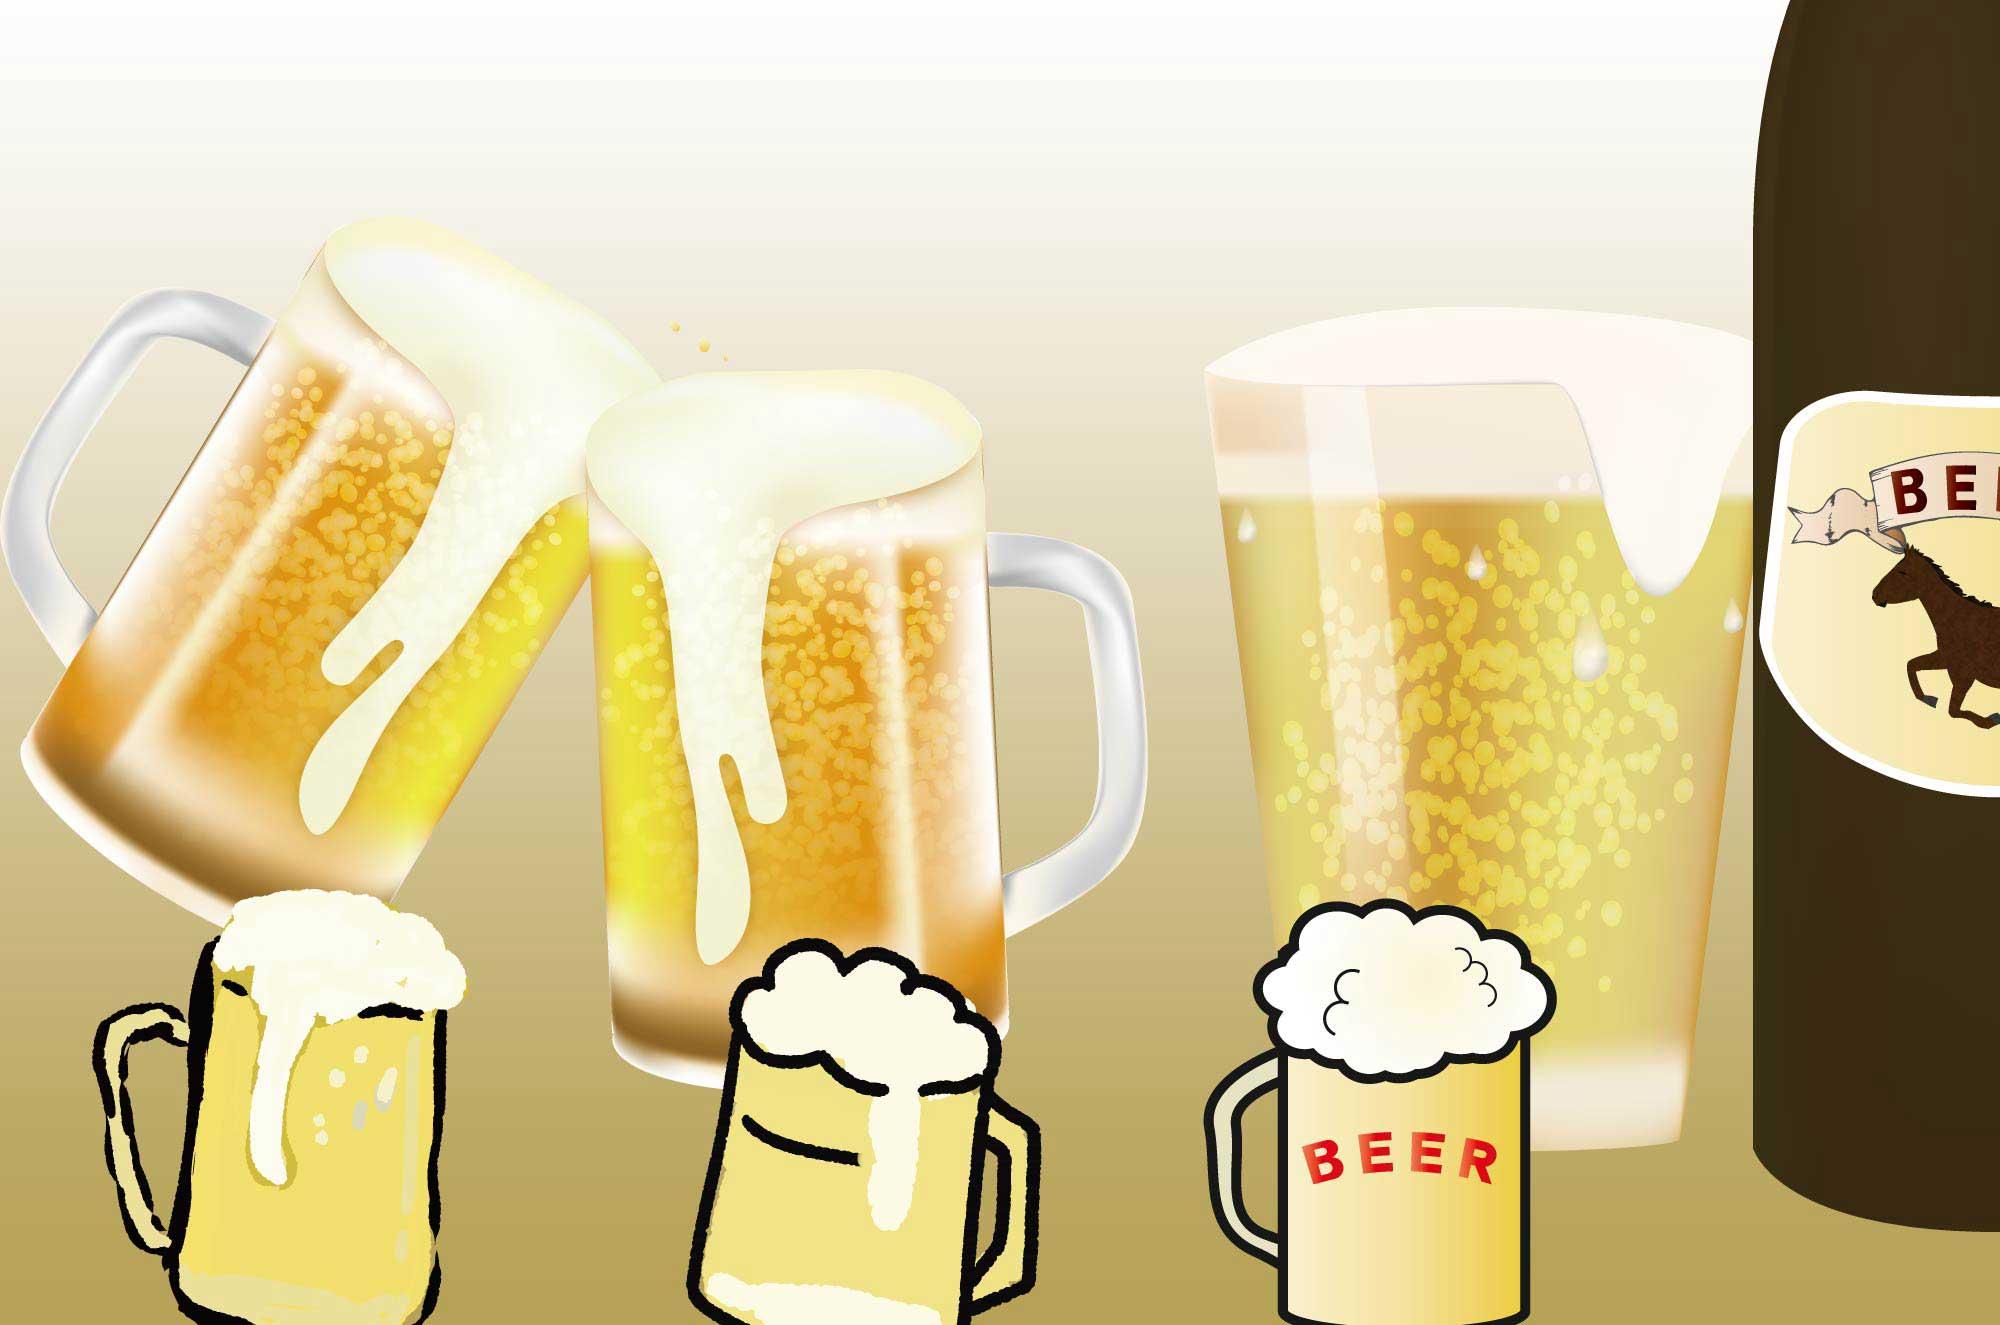 ビールのイラスト - 麦芽が弾ける美味しそうな無料素材